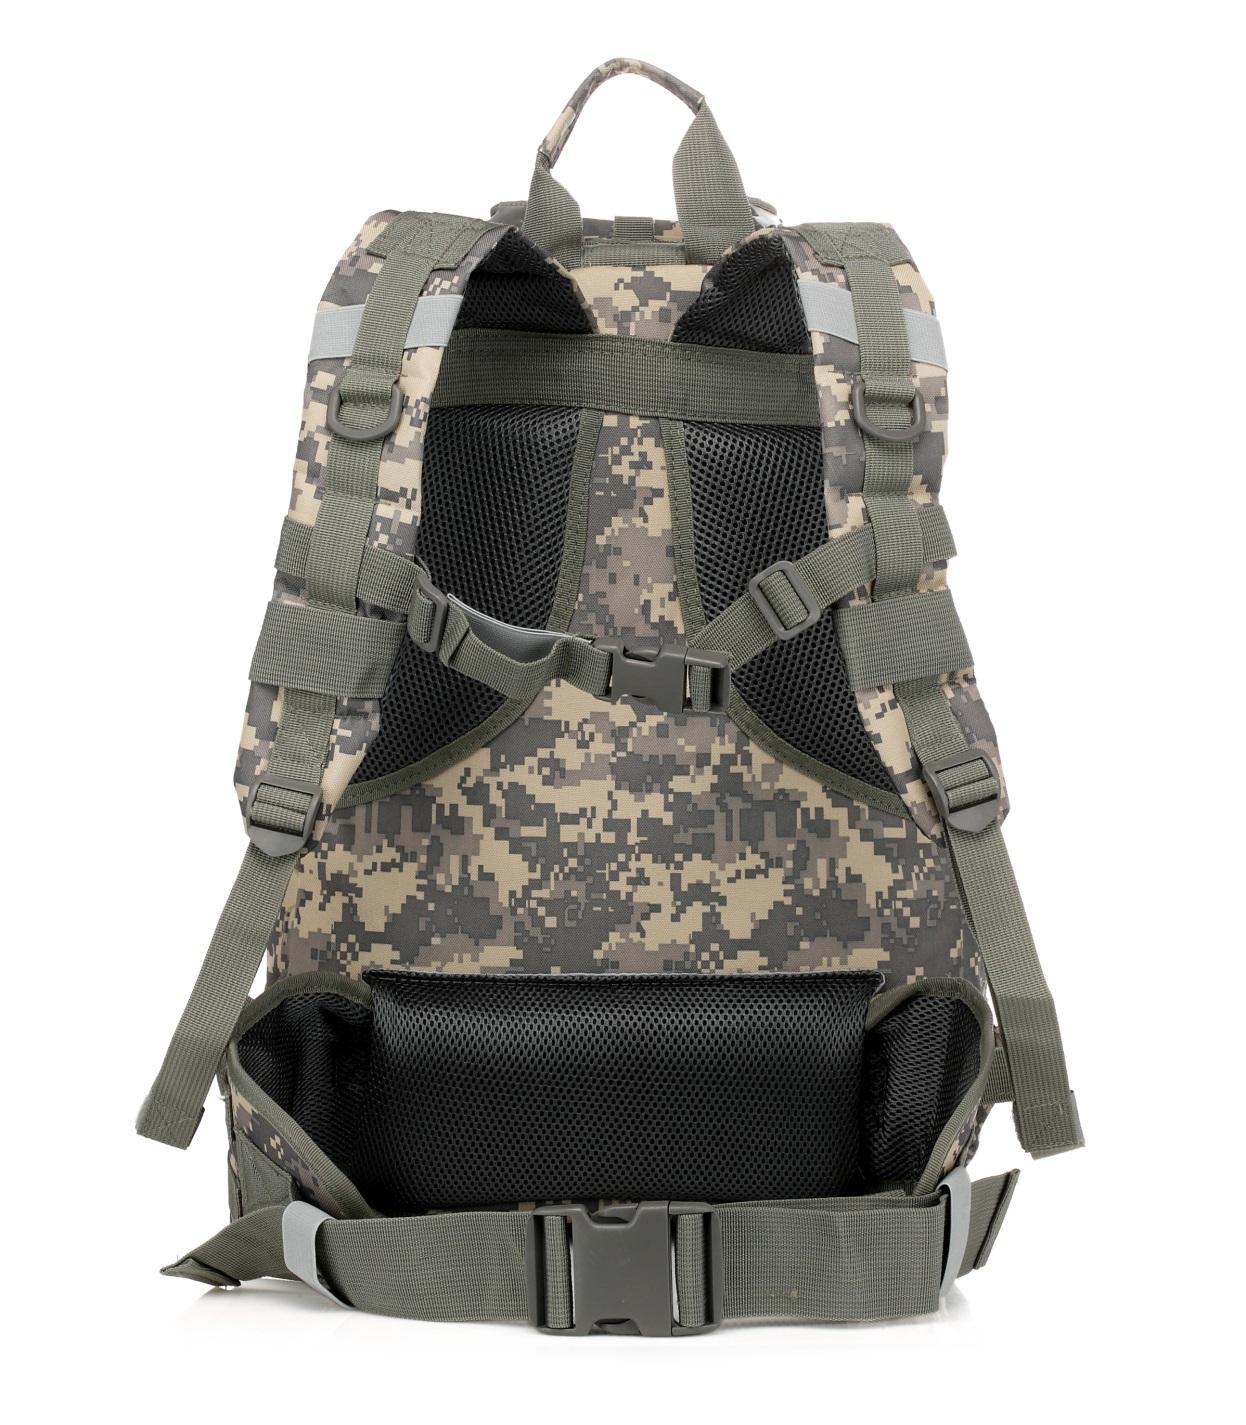 Армейский тактический рюкзак камуфляж с доставкой по России